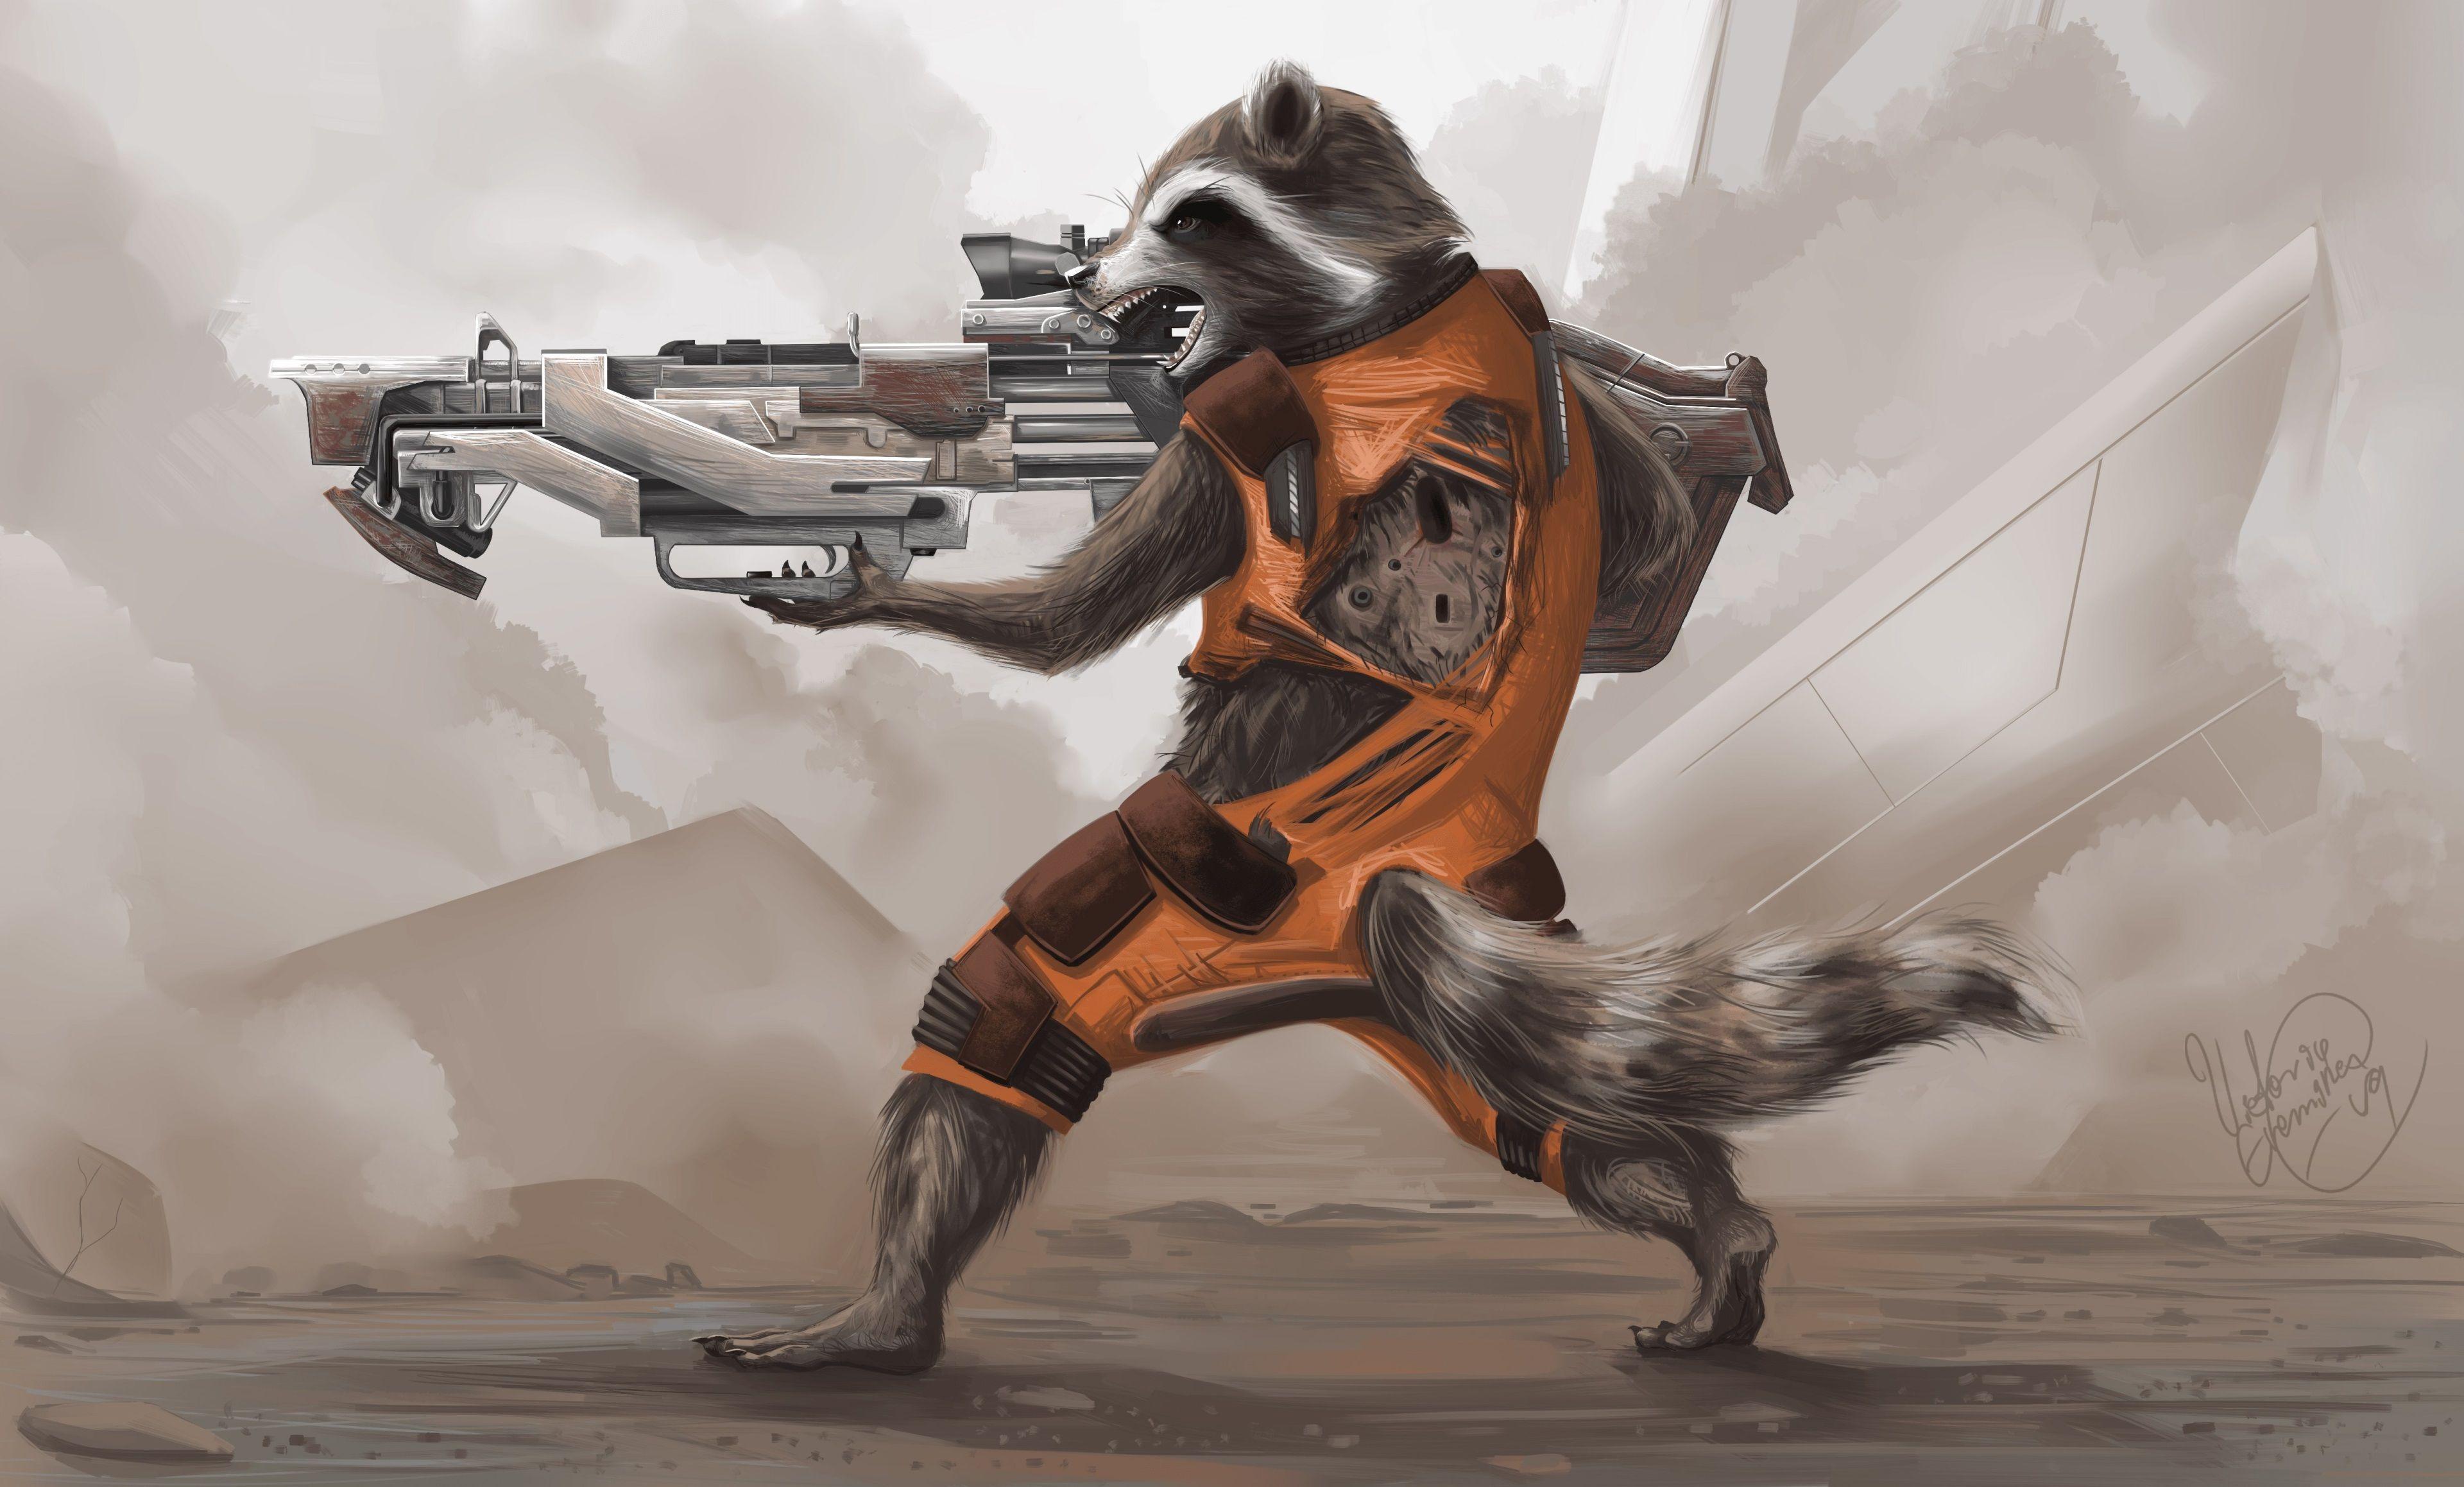 3840x2317 Rocket Raccoon 4k Wallpaper For Pc In Hd Wallpapers